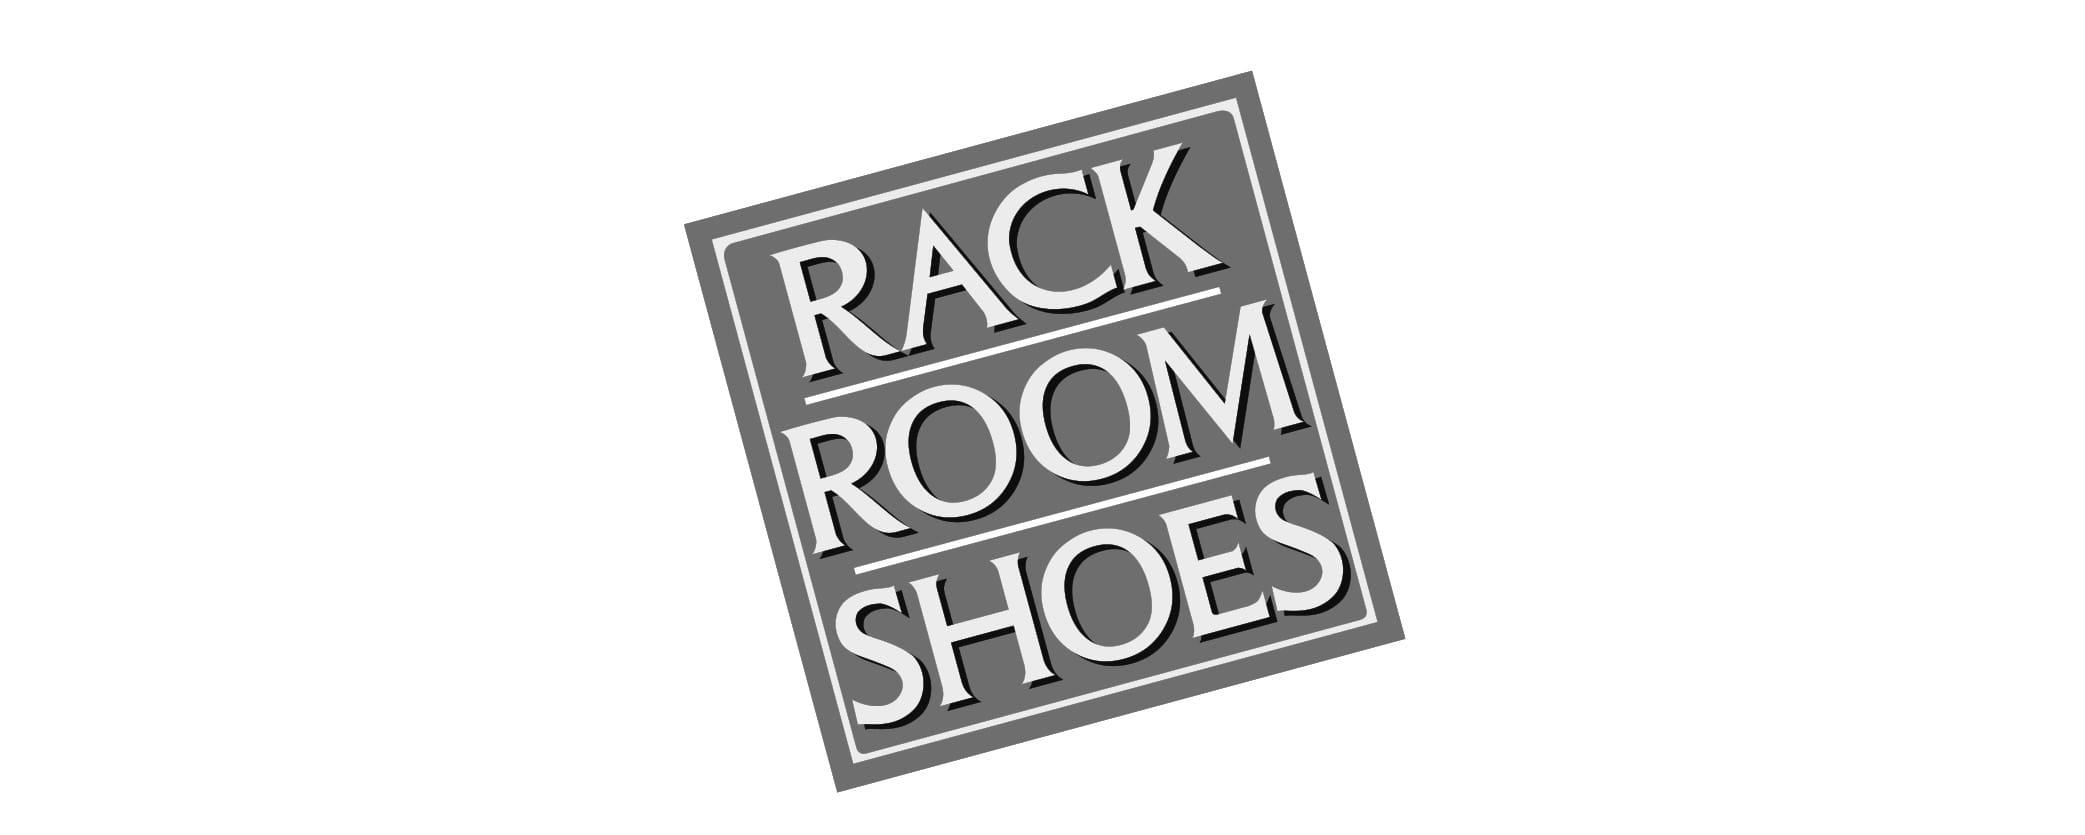 RackRoomShoes_500x200_201008